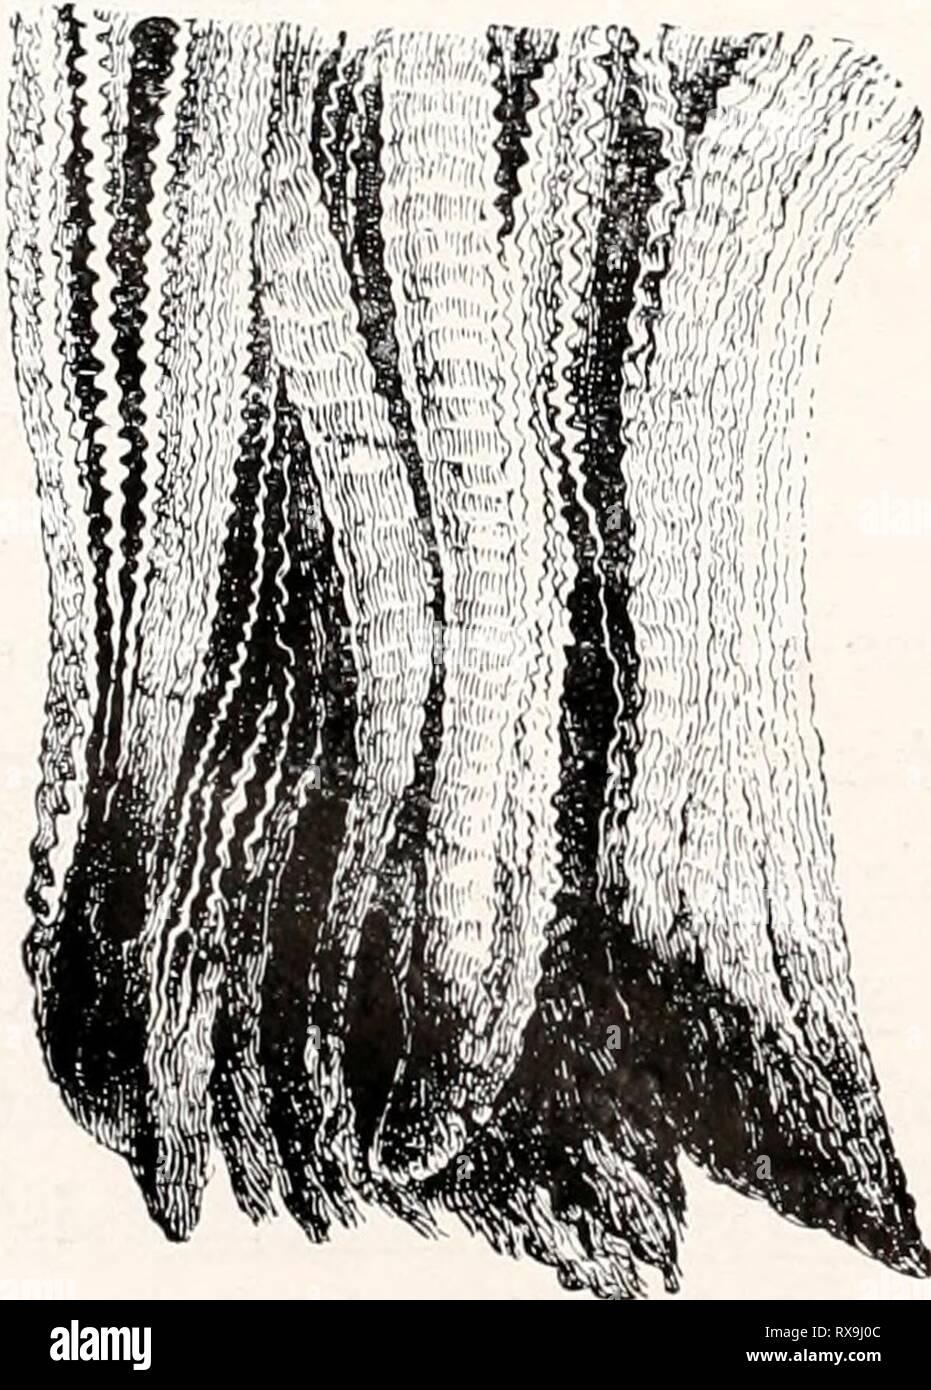 Einführung in die Vererbungswissenschaft; in Einführung in die Vererbungswissenschaft; in zweiundzwanzig Vorlesungen für Studierende, Aerzte, Züchter einfhrungindie1913gold Year: 1913  im ganzen, Fig. 165 im Skelett, verglichen mit dem normalen FuÃ, zeigt, so daà eins der grundlegenden systematischen Merkmale der ganzen Ordnung, die Paarhuf ig keit, wenn auch nicht aufgehoben (dazu müÃte eine Zehe aasfallen), so doch verschleiert ist. Eine Zeitlang wurden solche Einhufer- sauen lebhaft gezüchtet, als vor Ein- führung der Eisenbahnen groÃe Herden weit weggetrieben wurden und sich dabei di - Stock Image